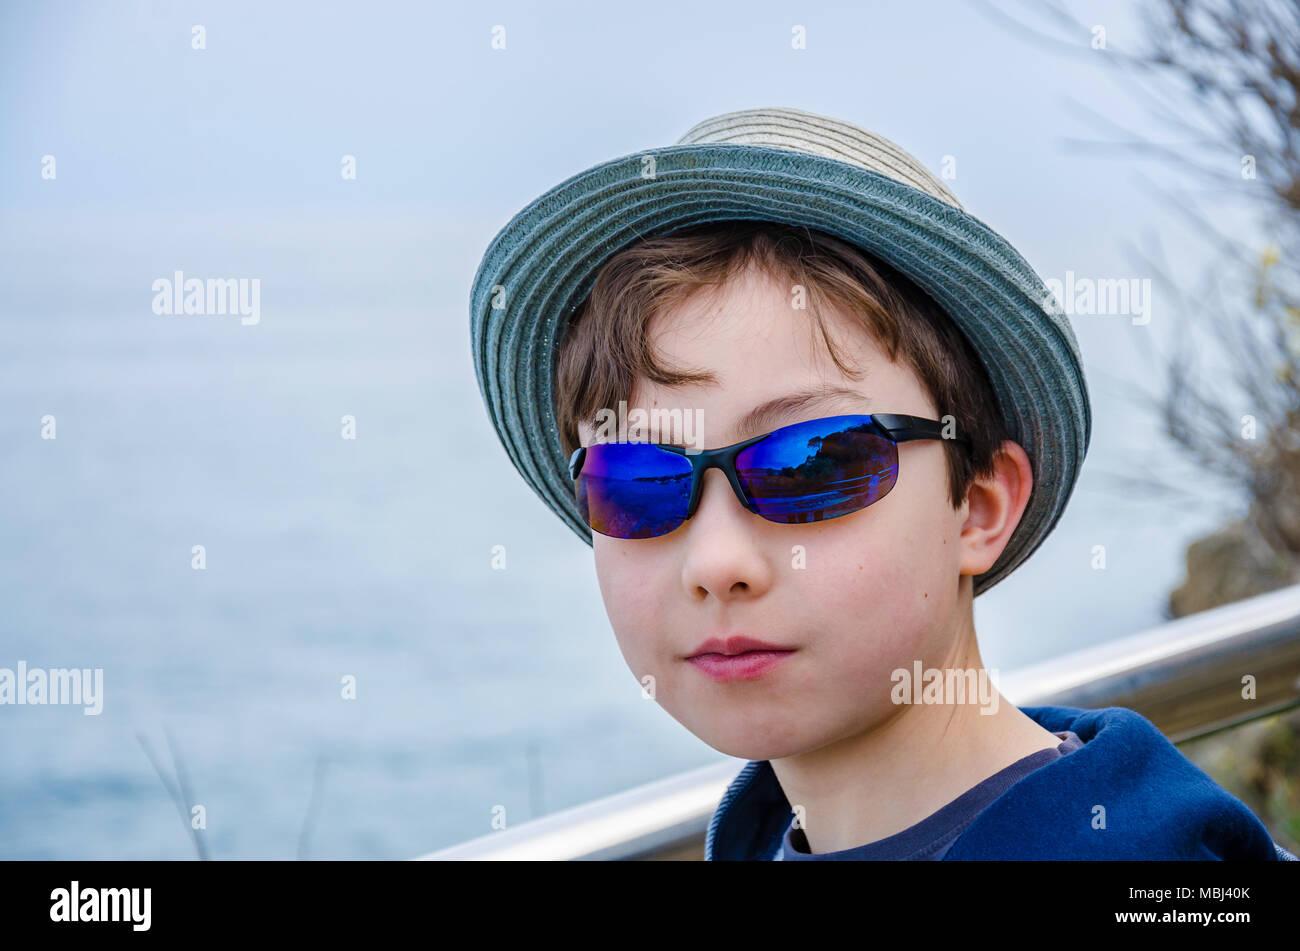 Un ritratto di un 8 anno vecchio ragazzo che indossa gli occhiali da sole e un  cappello per il sole. f38621012c2d